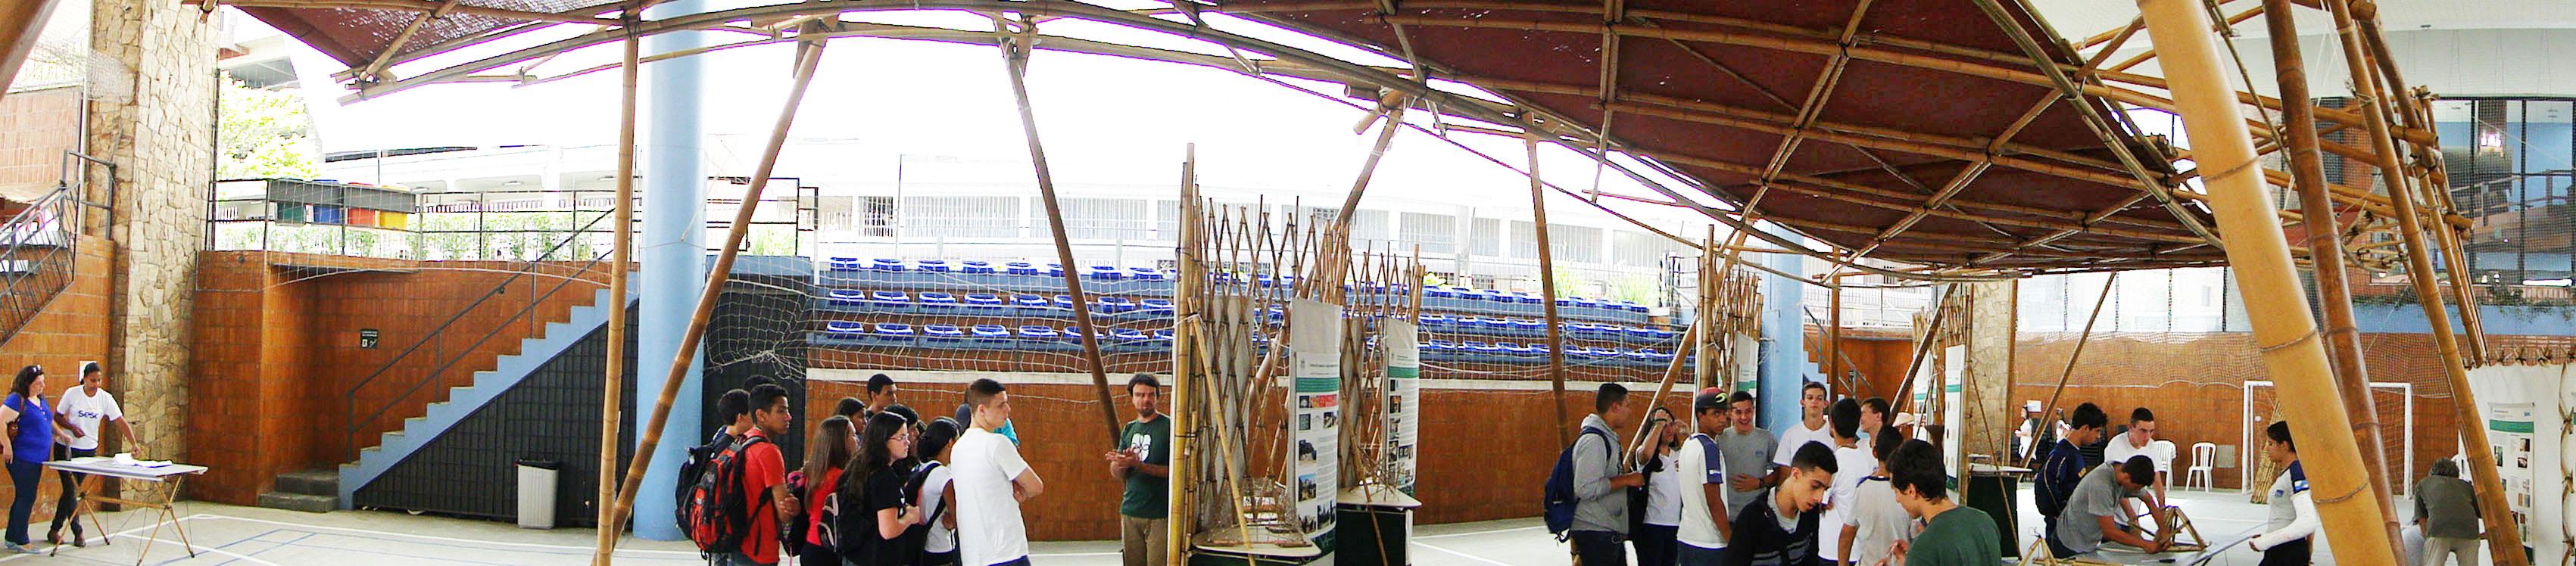 13-Exposição-Estruturas-de-Bambu-Sesc-Teresópolis.jpg